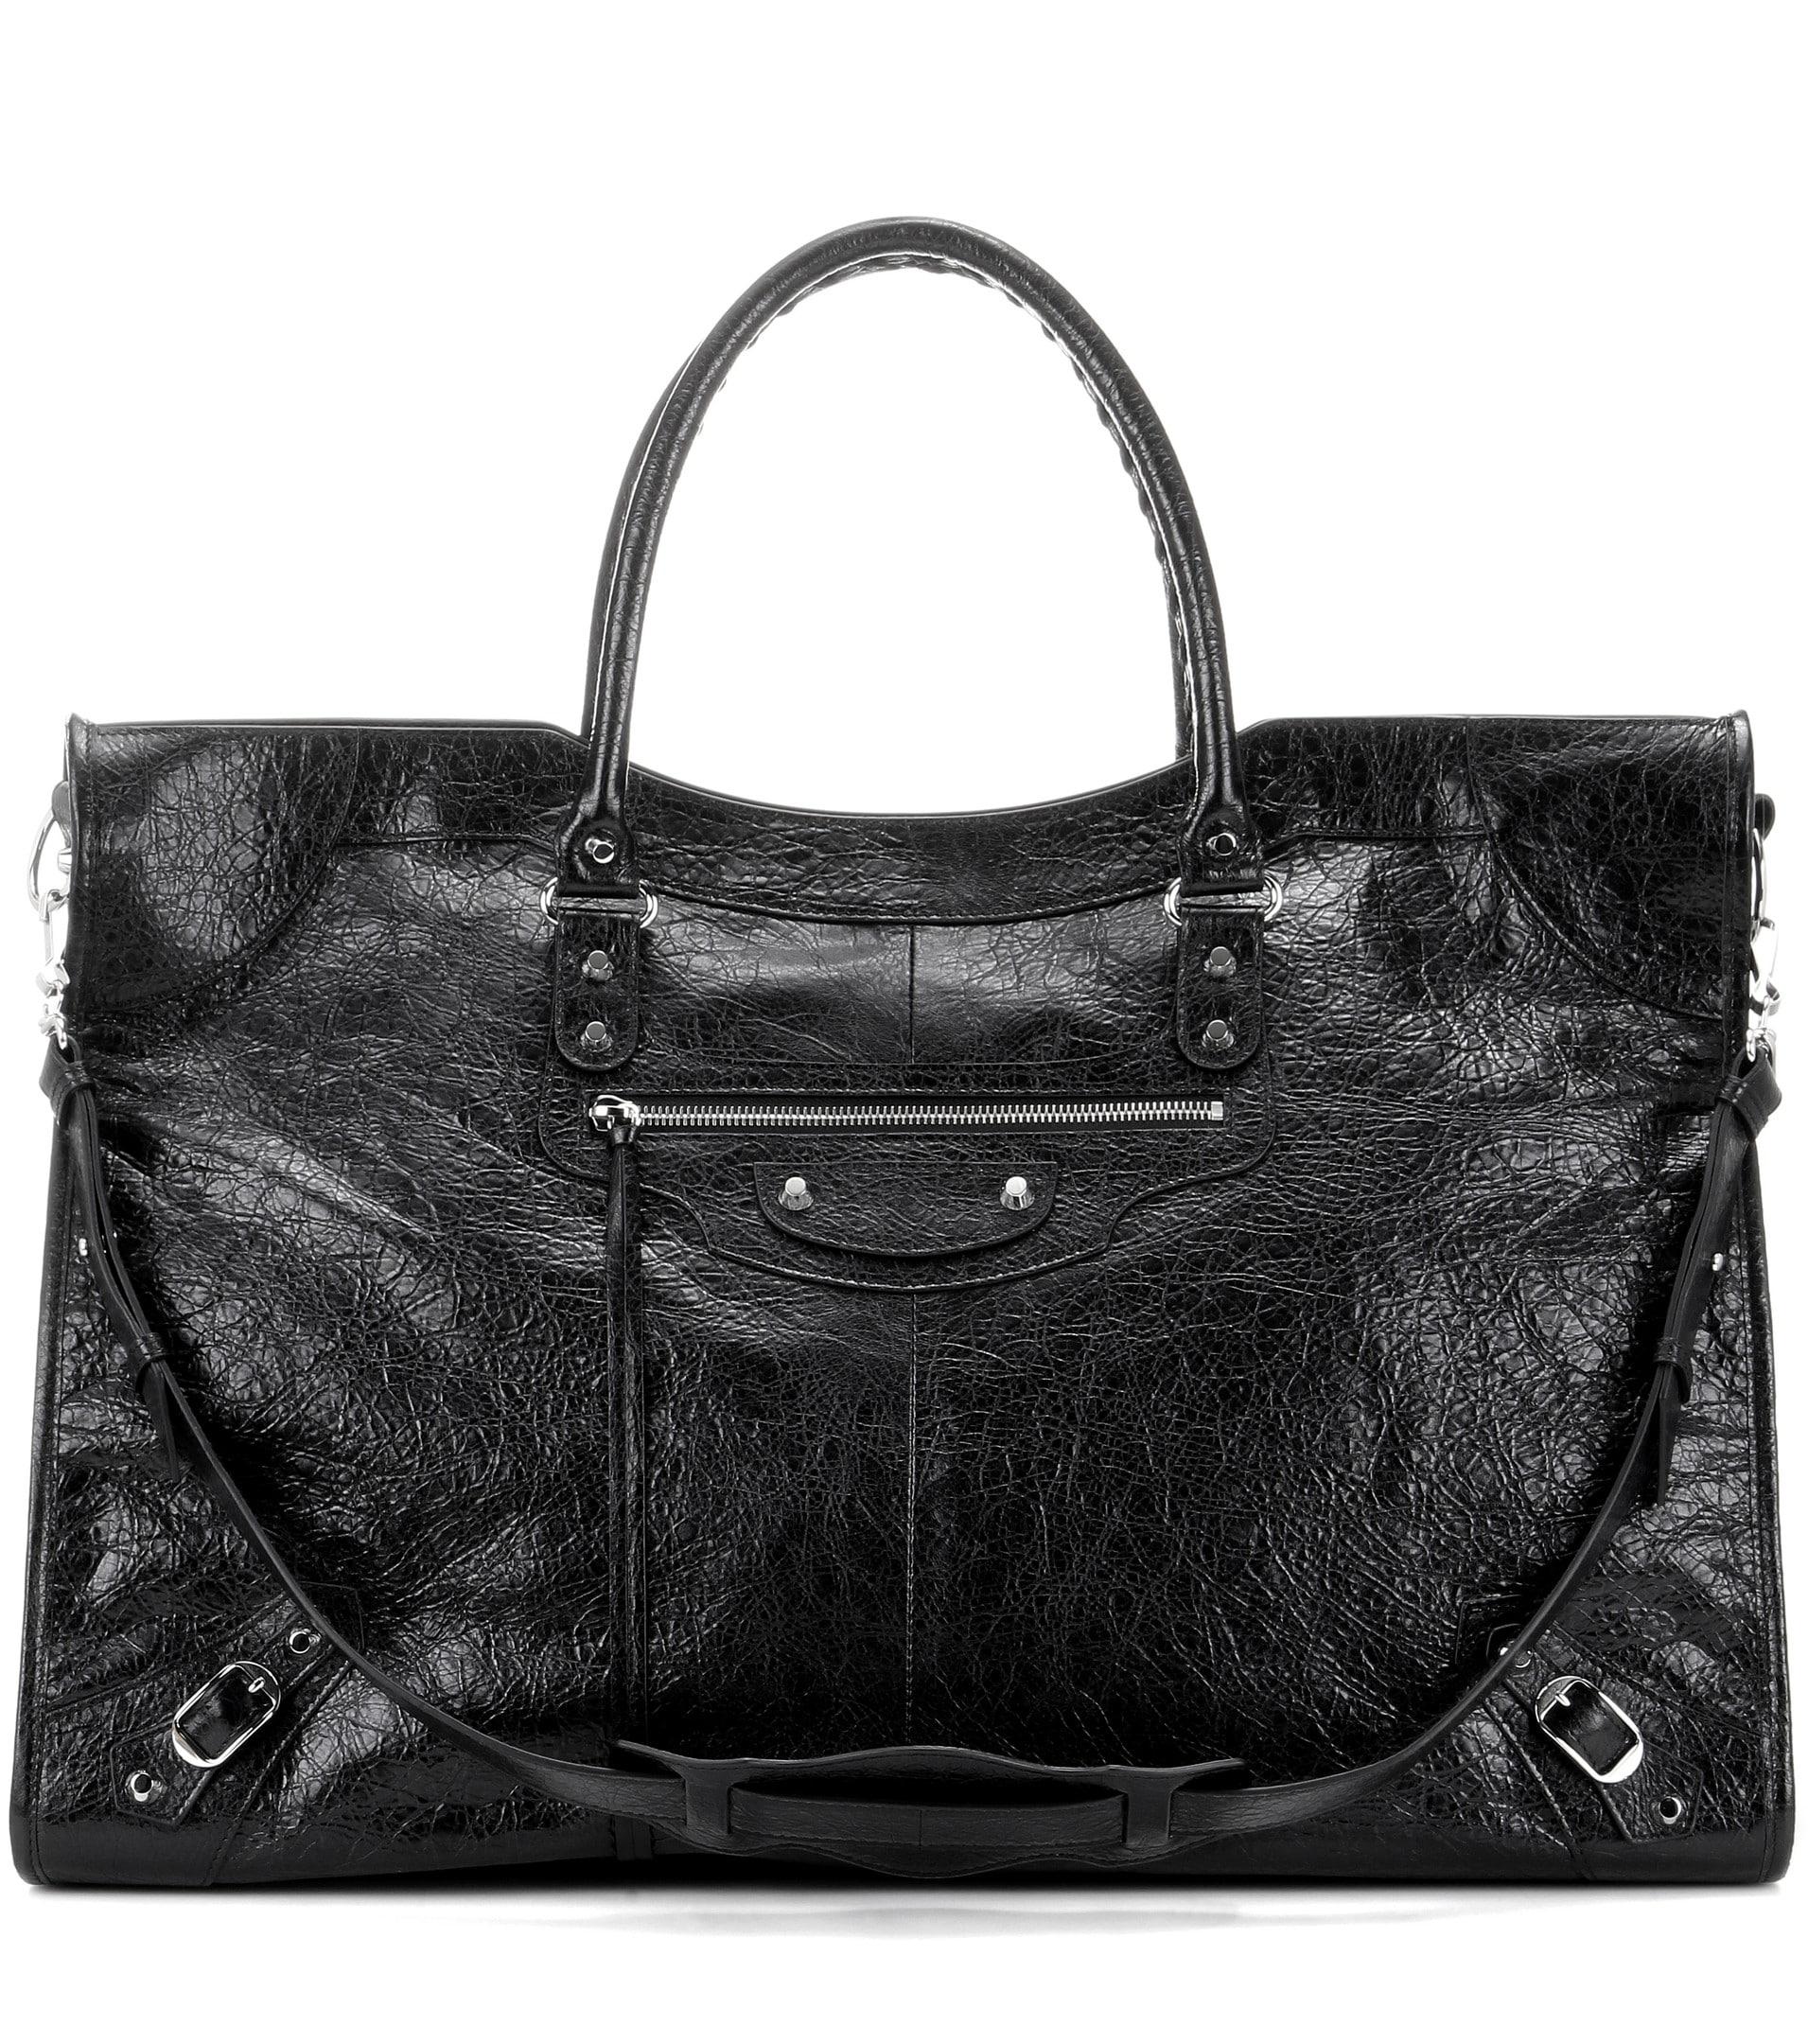 0c1be006d9da Balenciaga Spring Summer 2017 Bag Collection